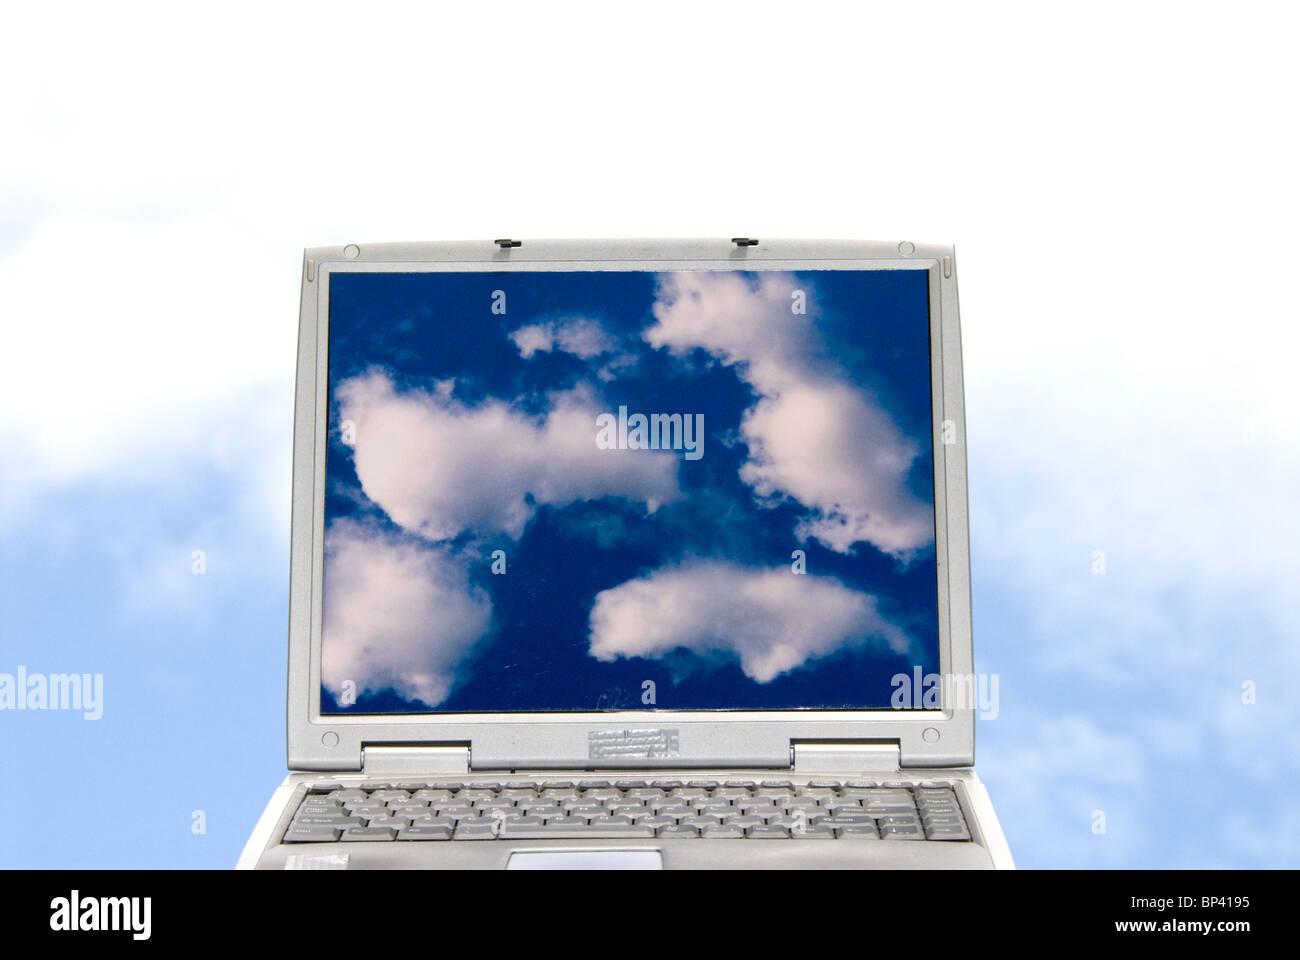 Ordenador portátil con imágenes de nubes y nubes en el fondo que representa el cloud computing Imagen De Stock